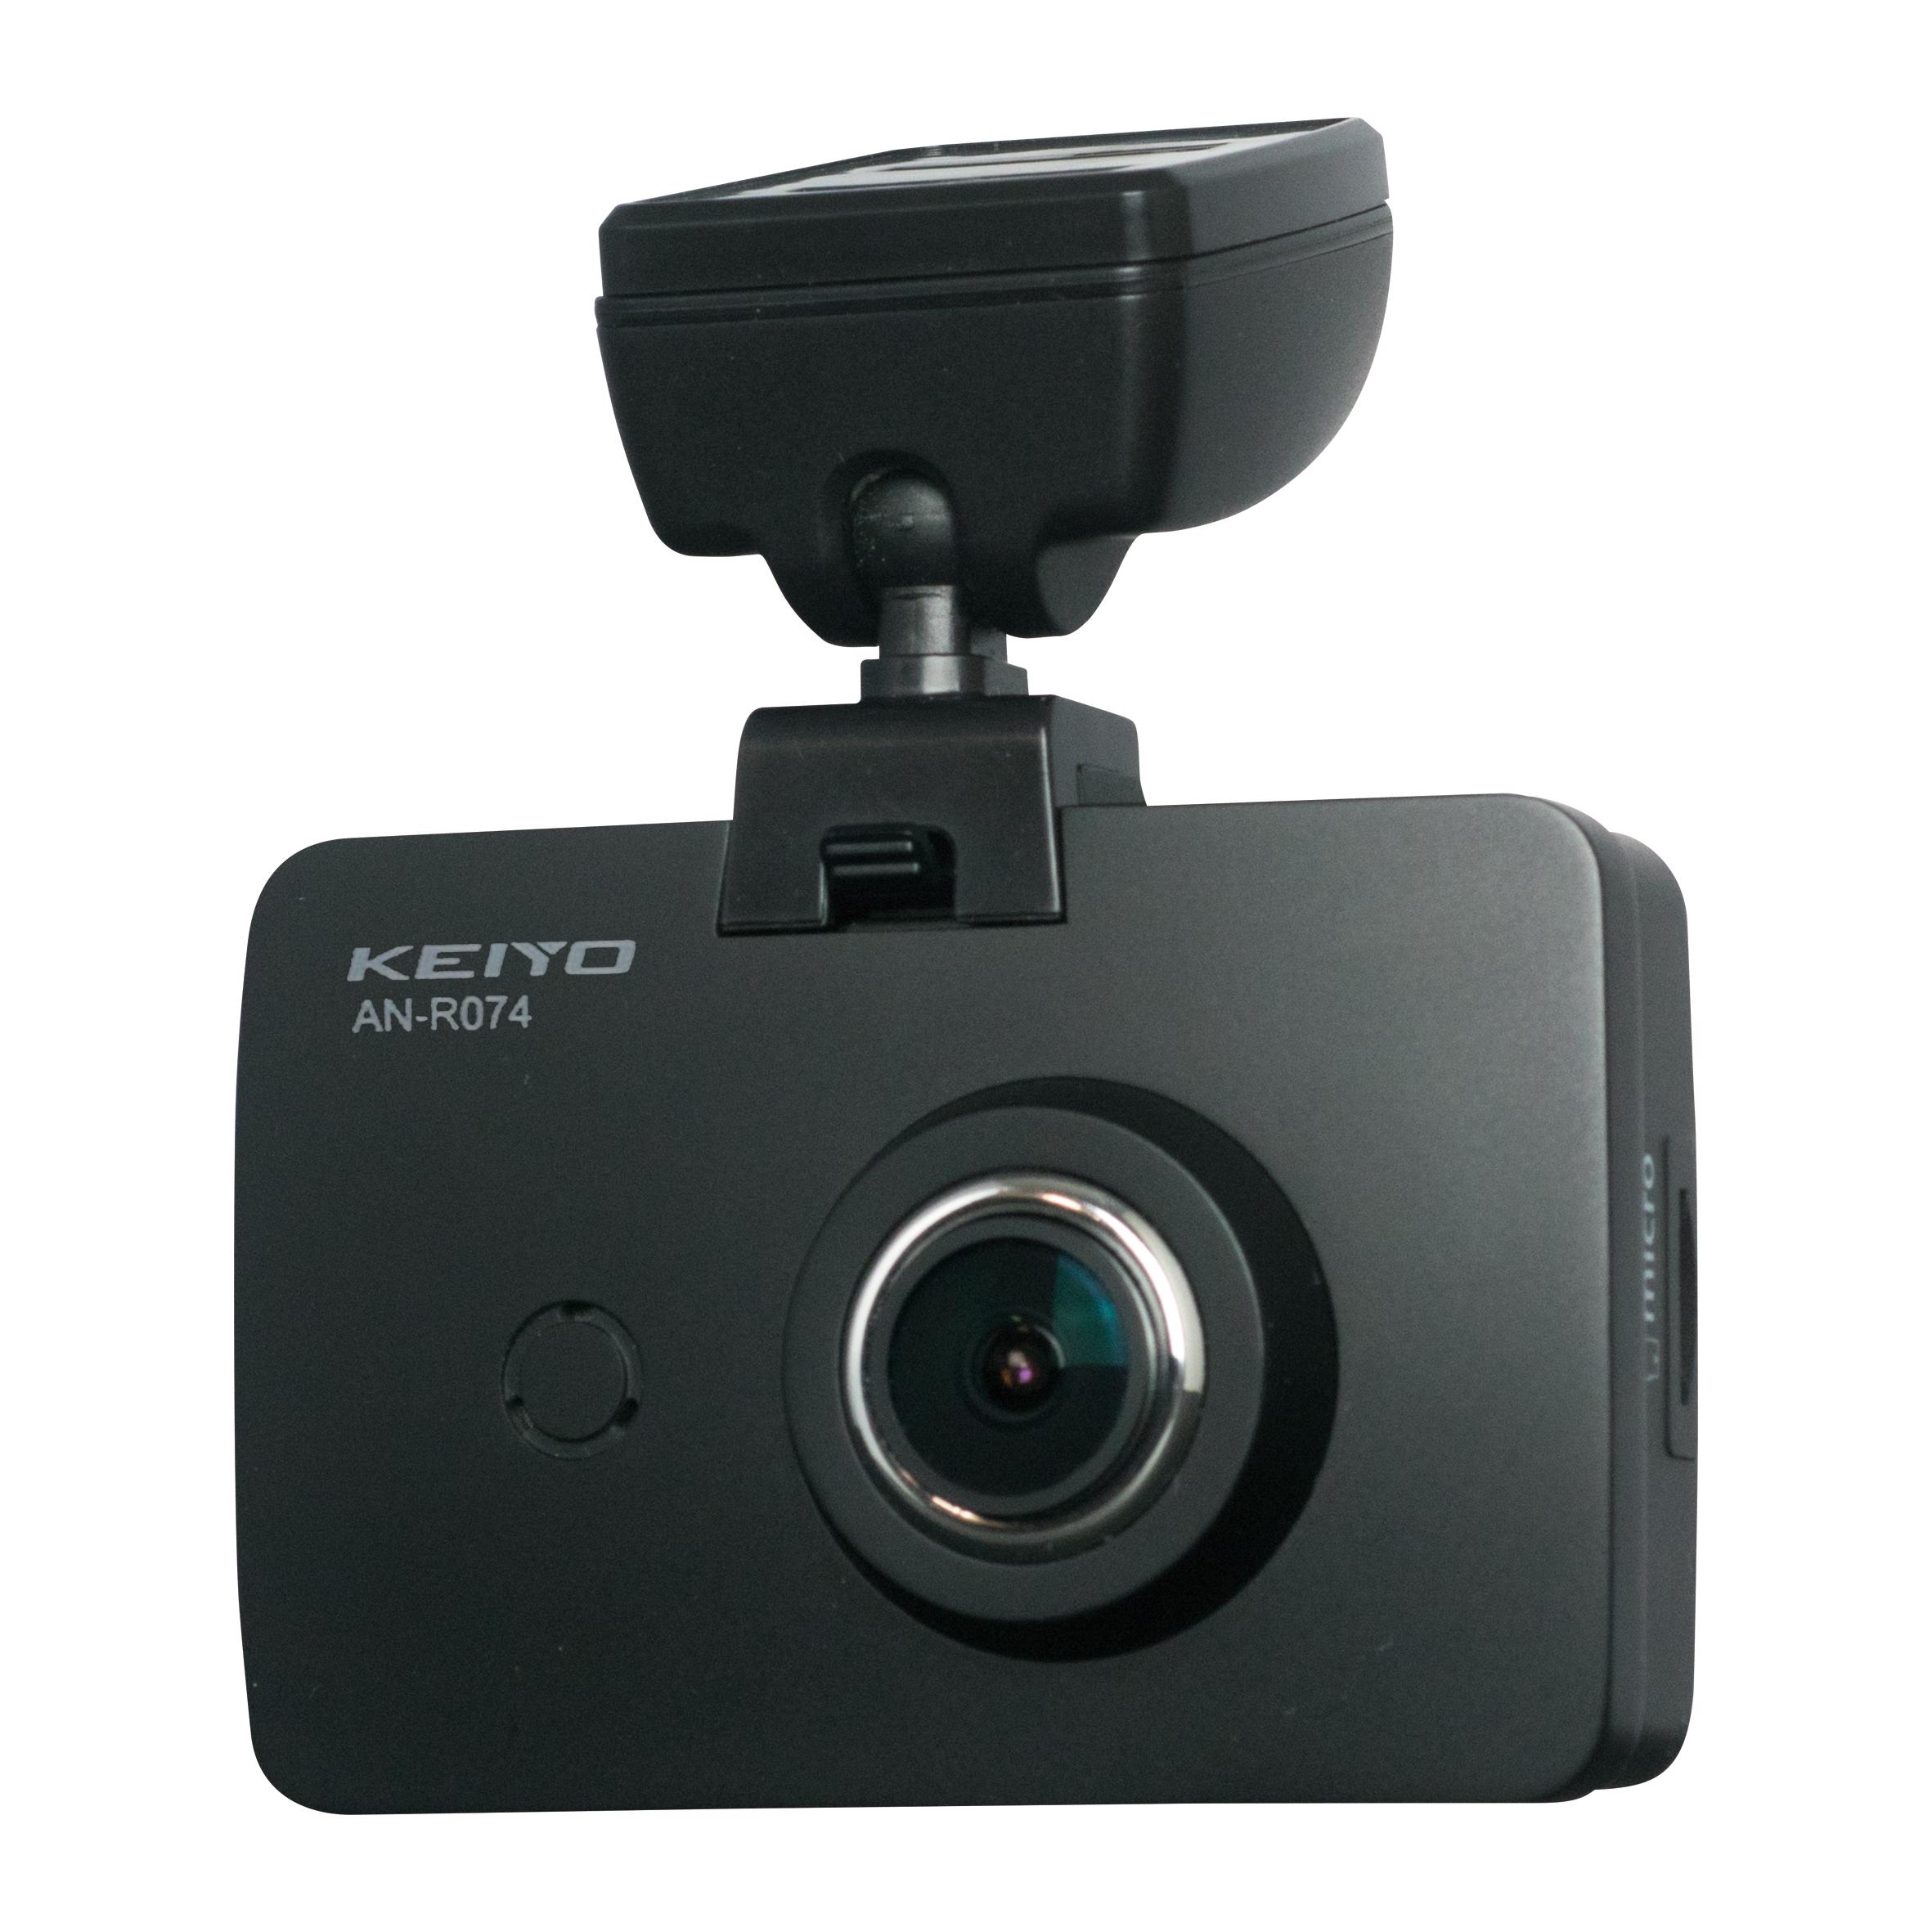 ドライブレコーダー 前後 AN-R074 前後カメラ フロントカメラ 期間限定今なら送料無料 超特価 フルHD FullHD リアカメラ付 撮影 高画質録画 HDR 高画質 ハイダイナミックレンジ 録画 3.0インチ